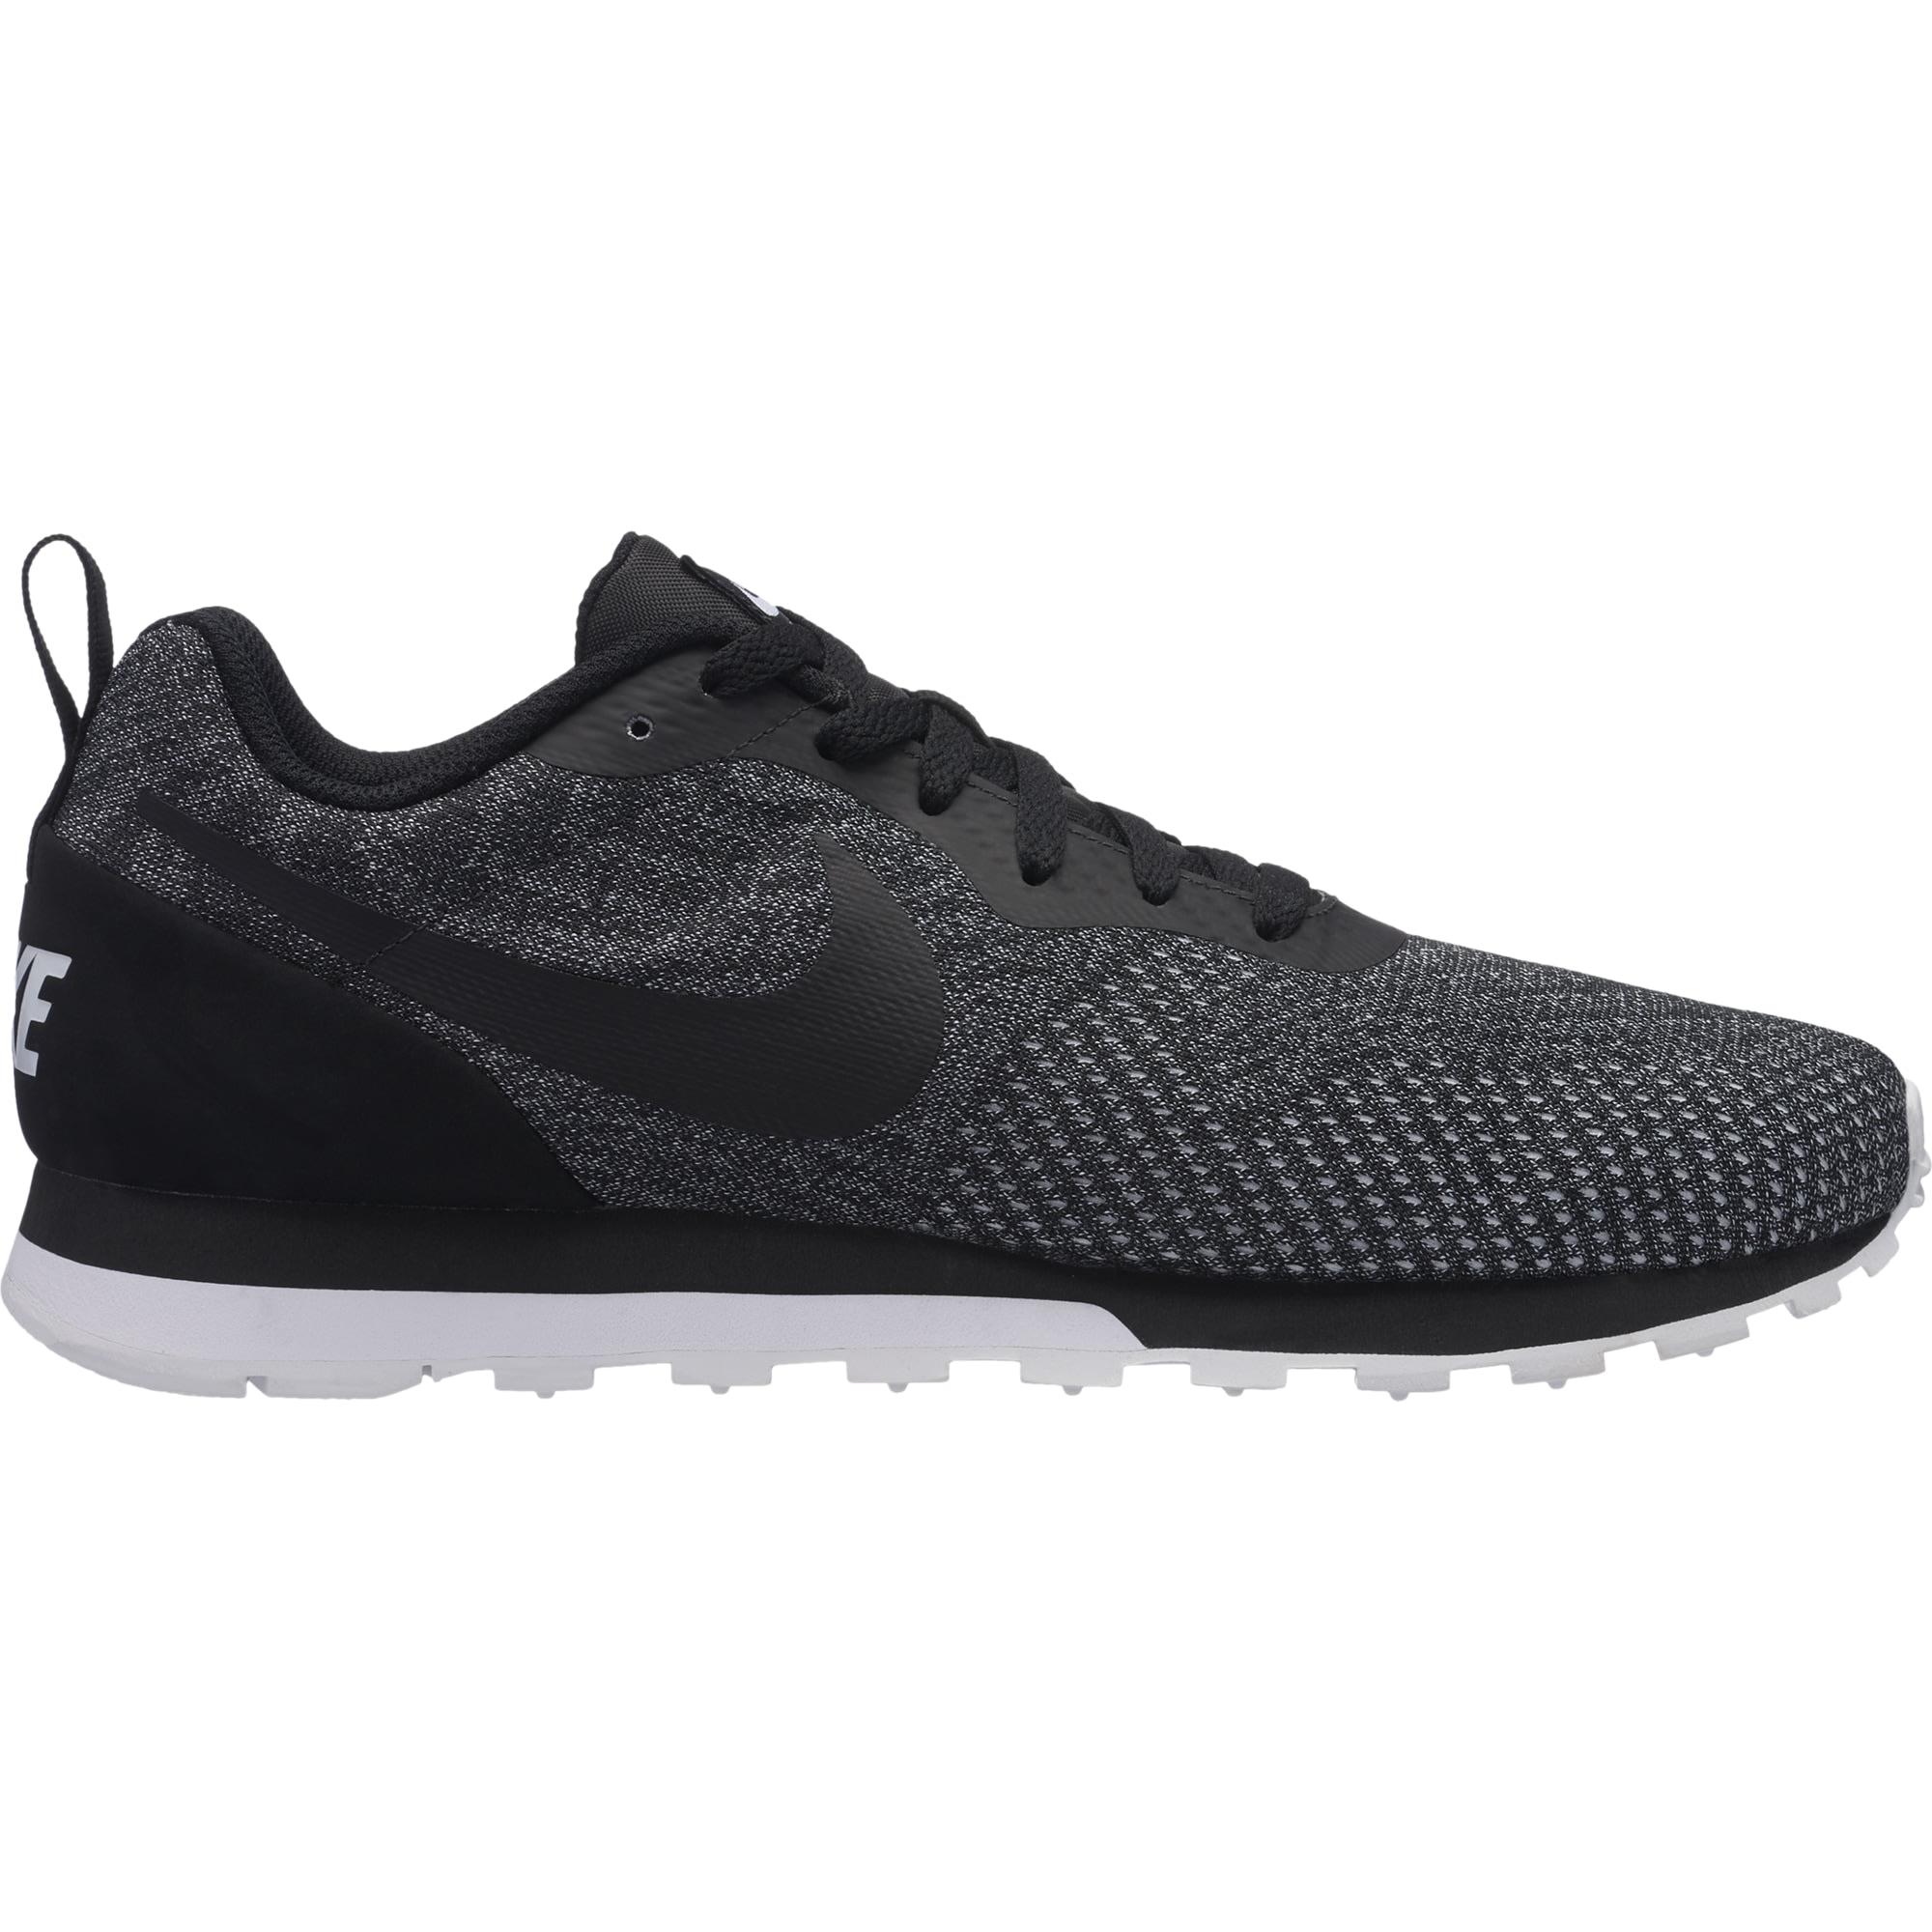 Nike MD Runner 2 miesten vapaa ajan kengät